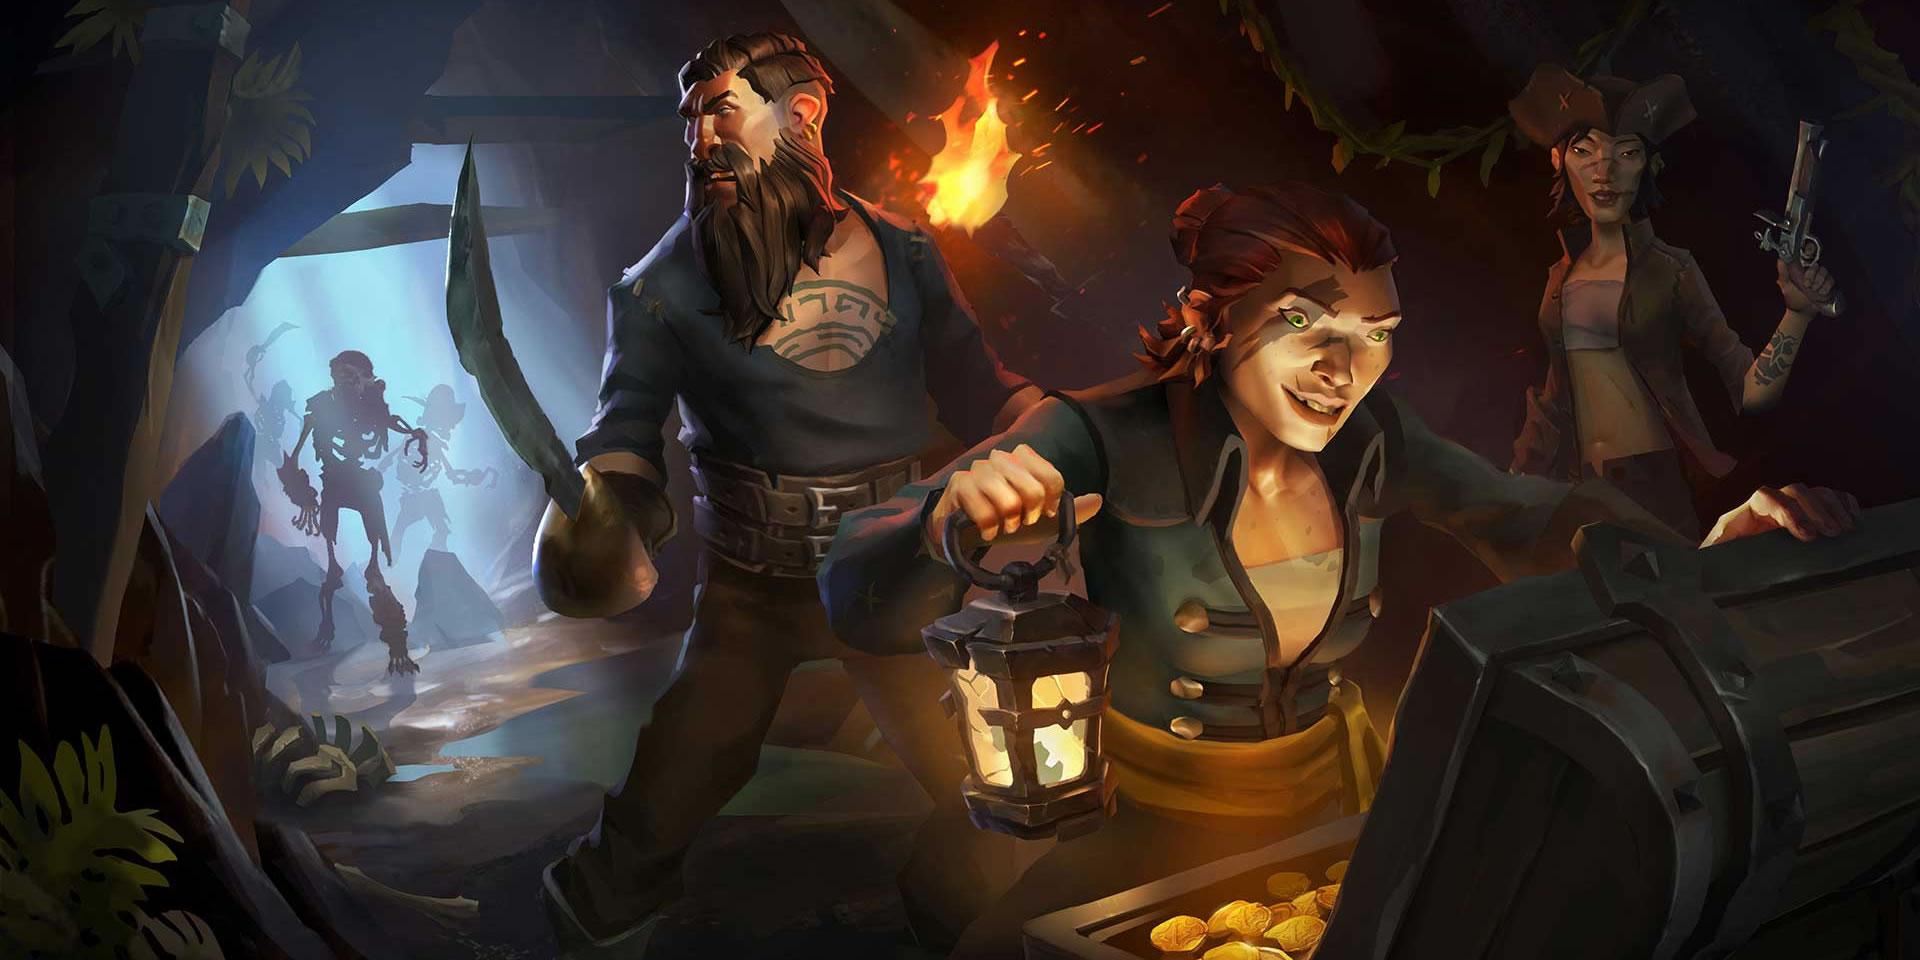 MMO-индустрия: Игра как недосервис: почему сетевые игры с открытым миром загнали себя в тупик